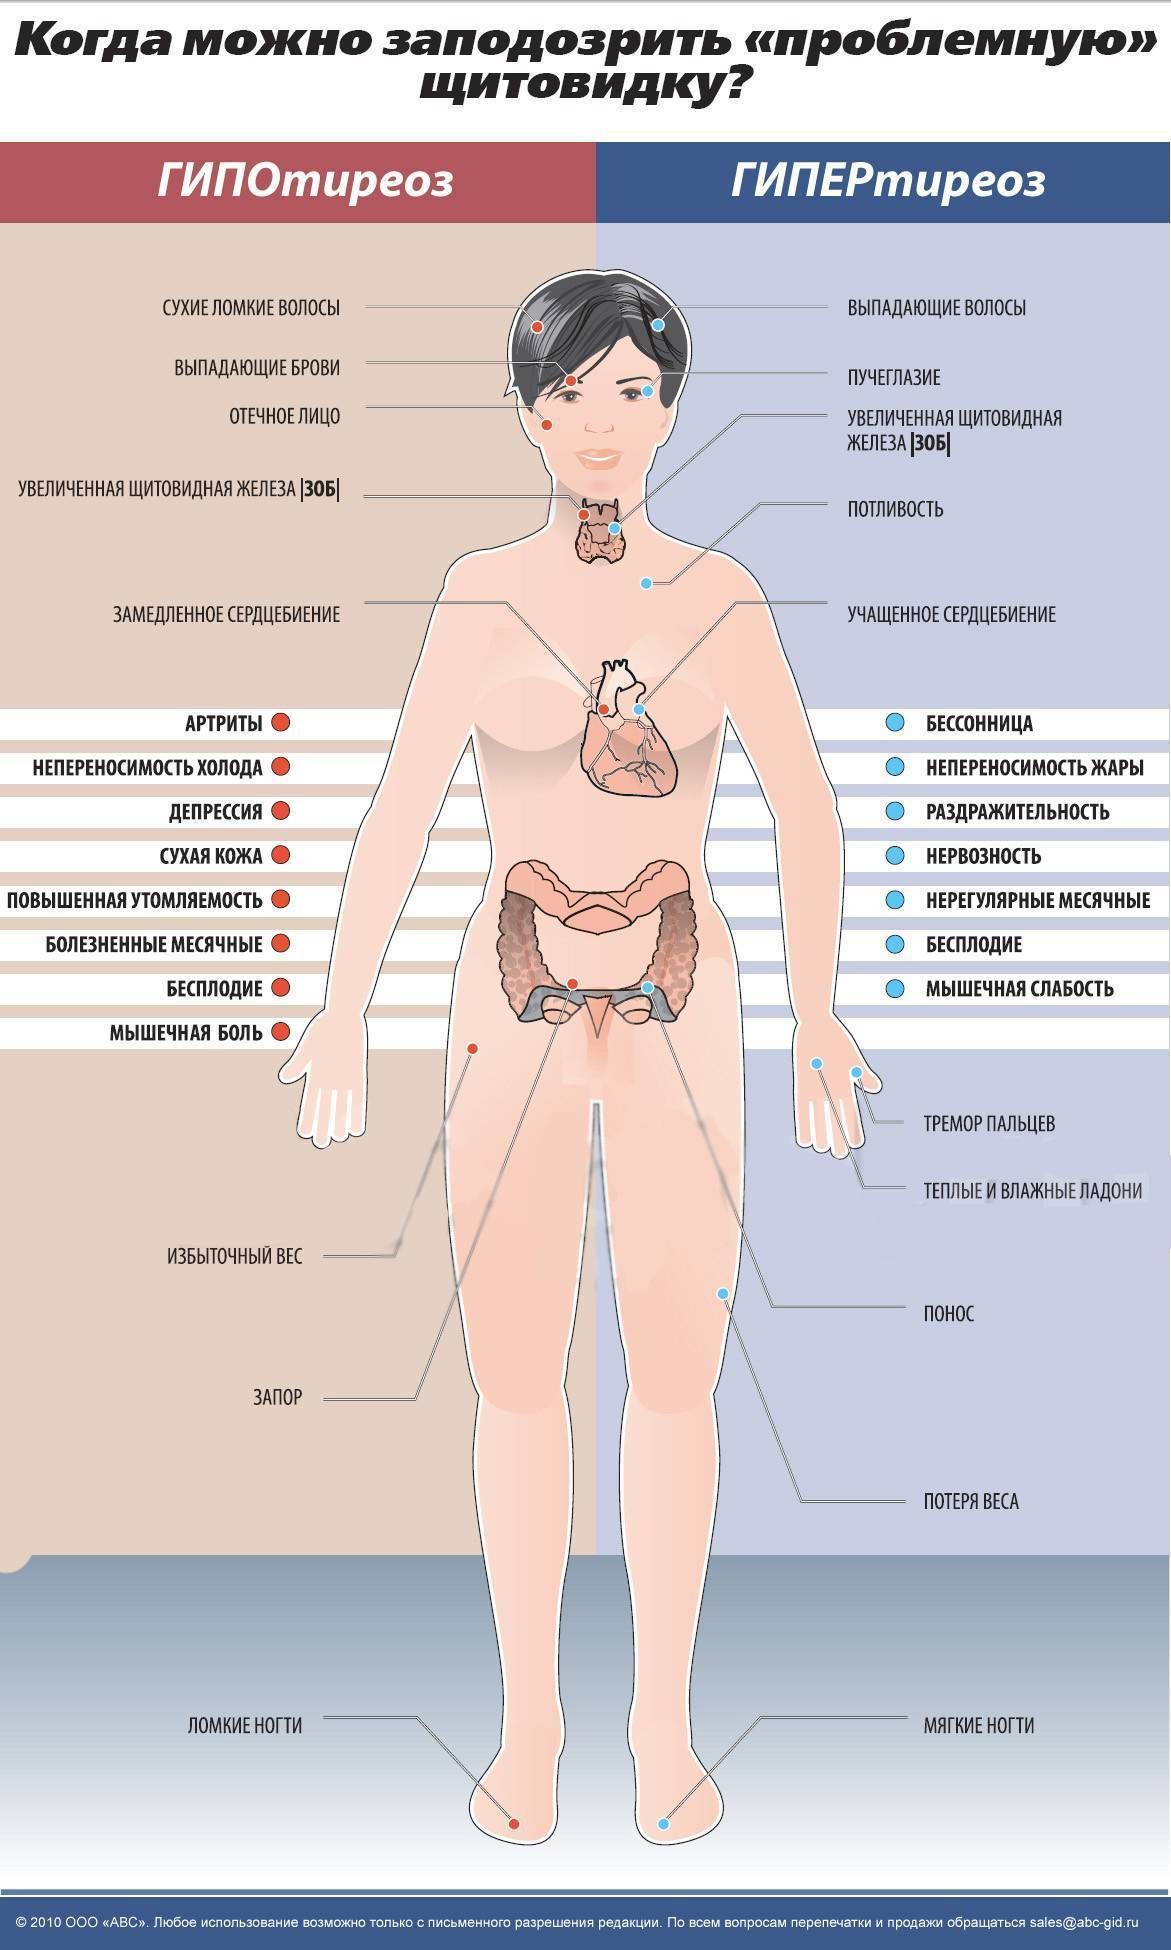 Чем опасно заболевание щитовидной железы? • русский доктор